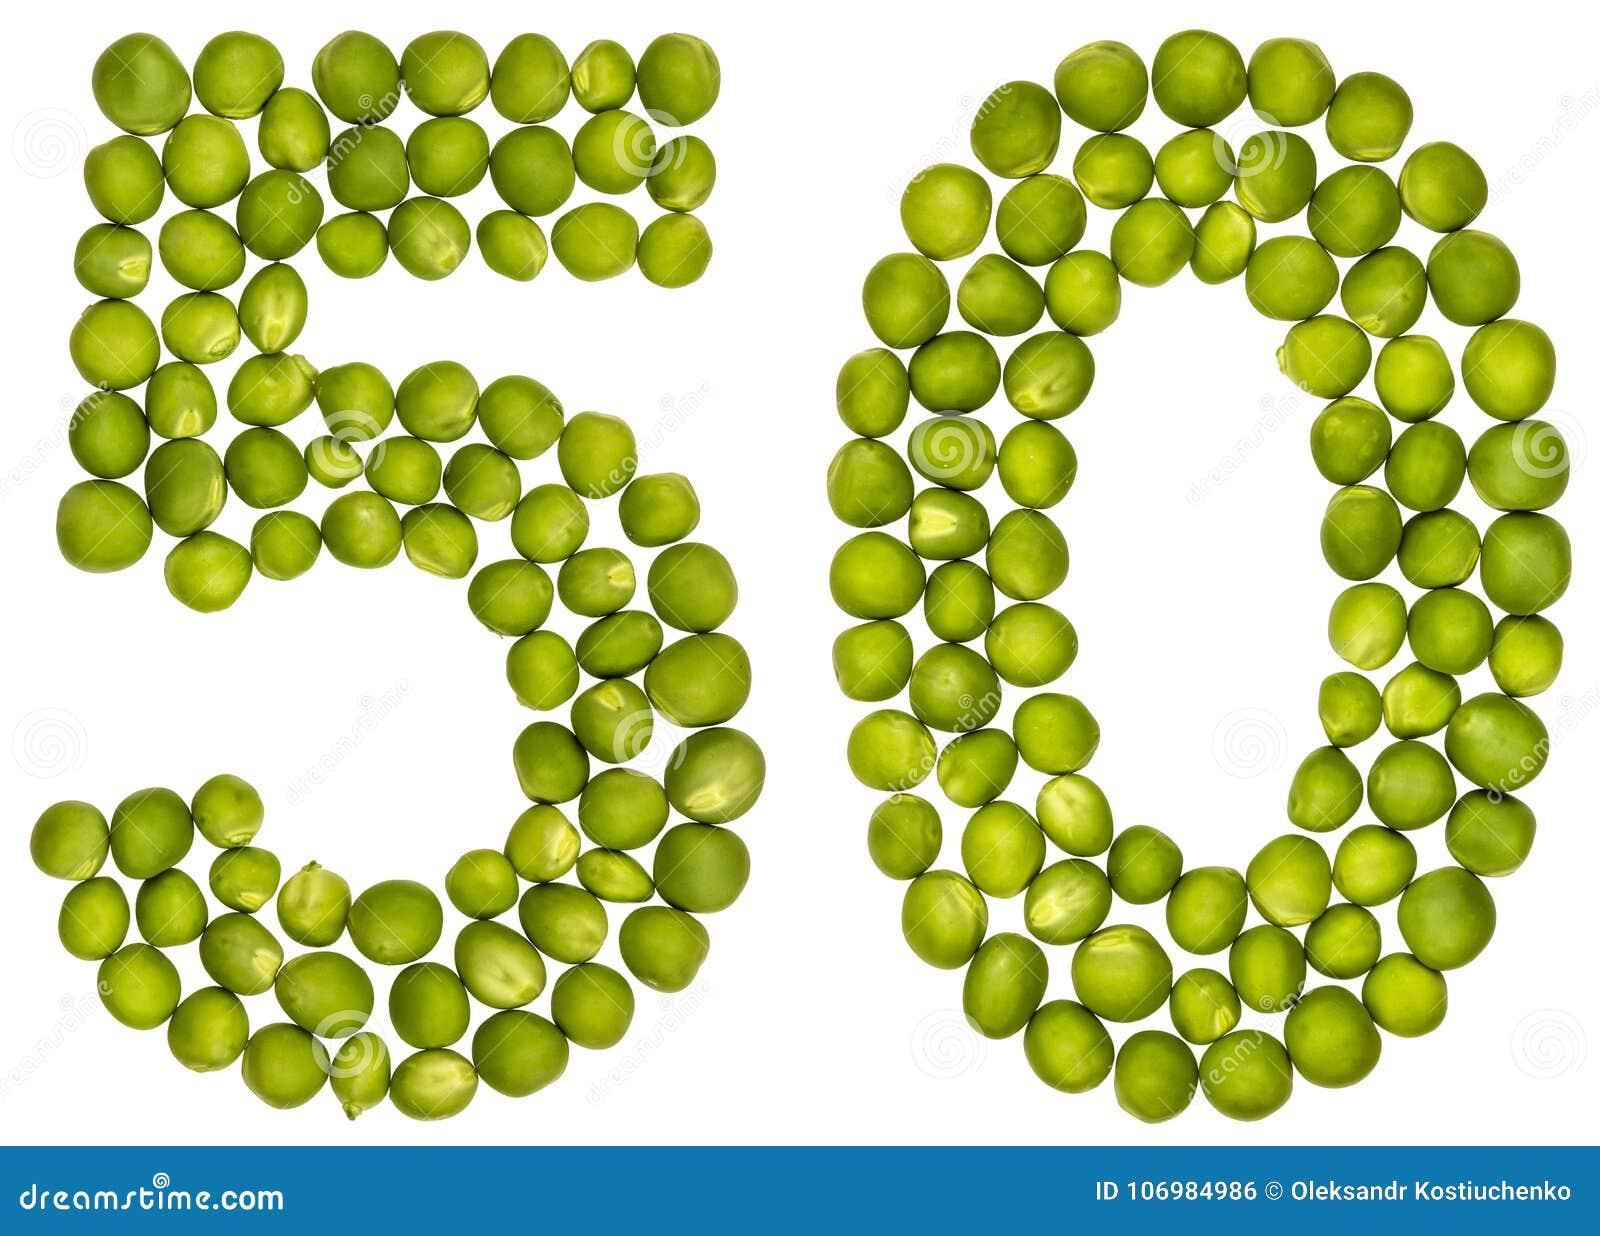 Αραβικός αριθμός 50, πενήντα, από τα πράσινα μπιζέλια, που απομονώνονται στη λευκιά ΤΣΕ